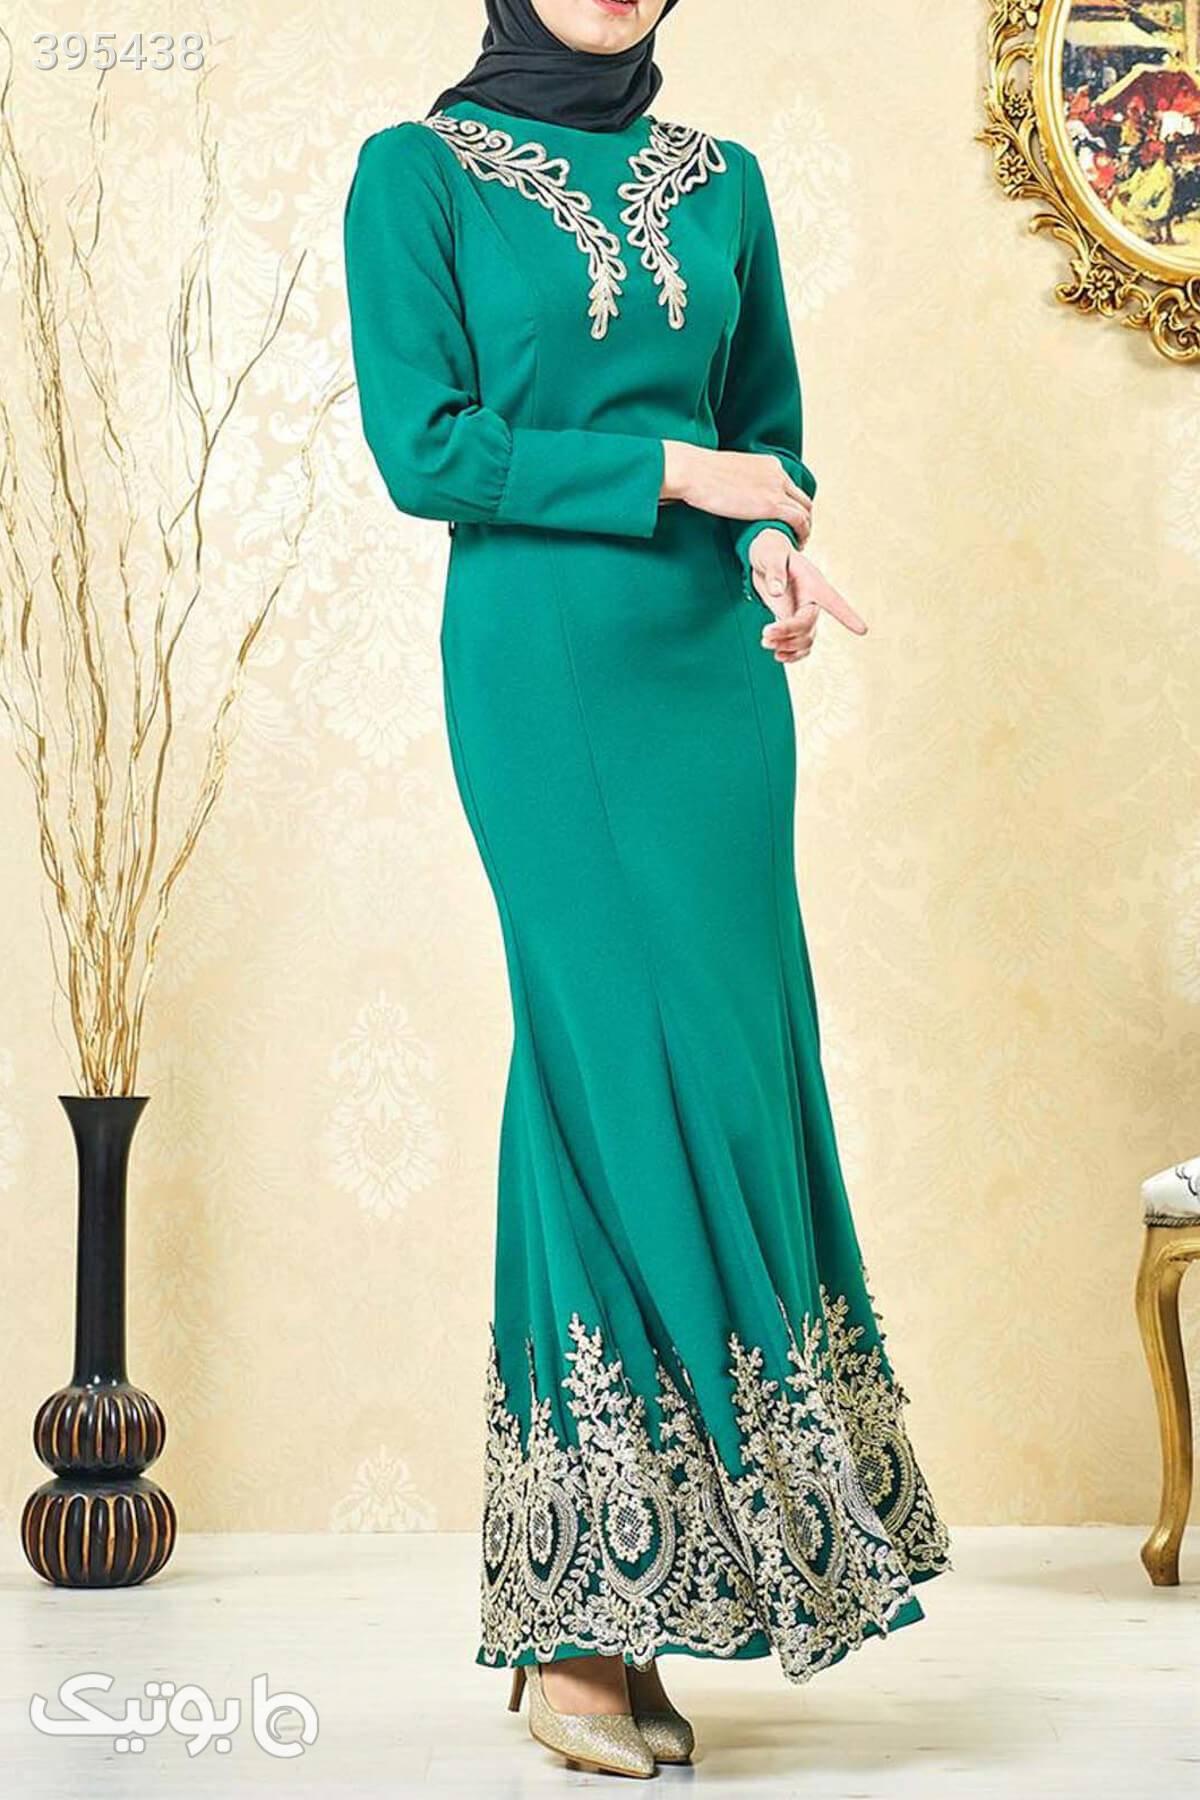 لباس مجلسی پوشیده زنانه سبز پیراهن شب 15822194 Lady Nur فیروزه ای لباس  مجلسی